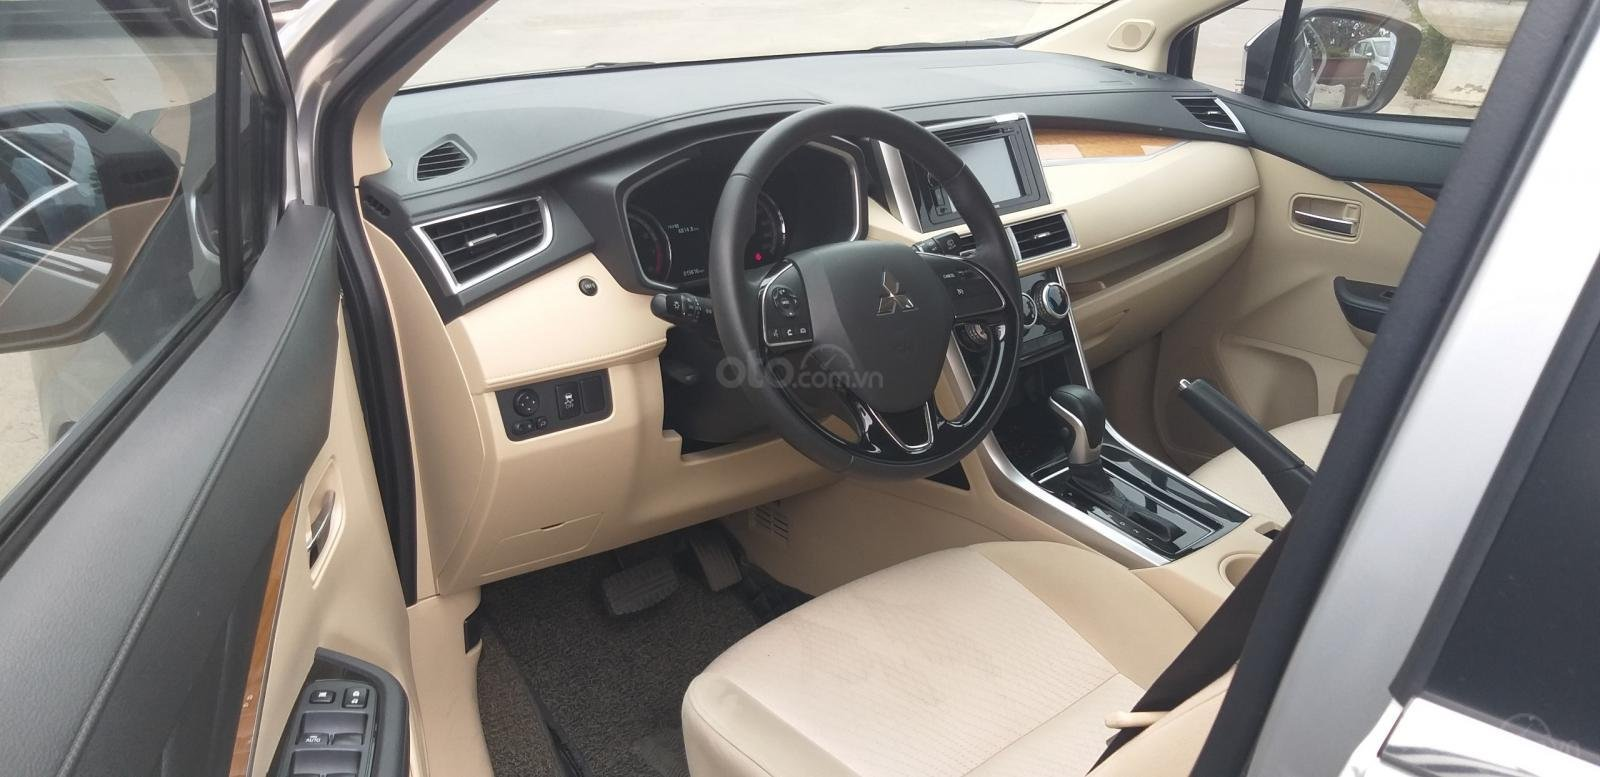 Bán Mitsubishi Xpander năm sản xuất 2019, màu đen, xe nhập khẩu 100% indonesia-5